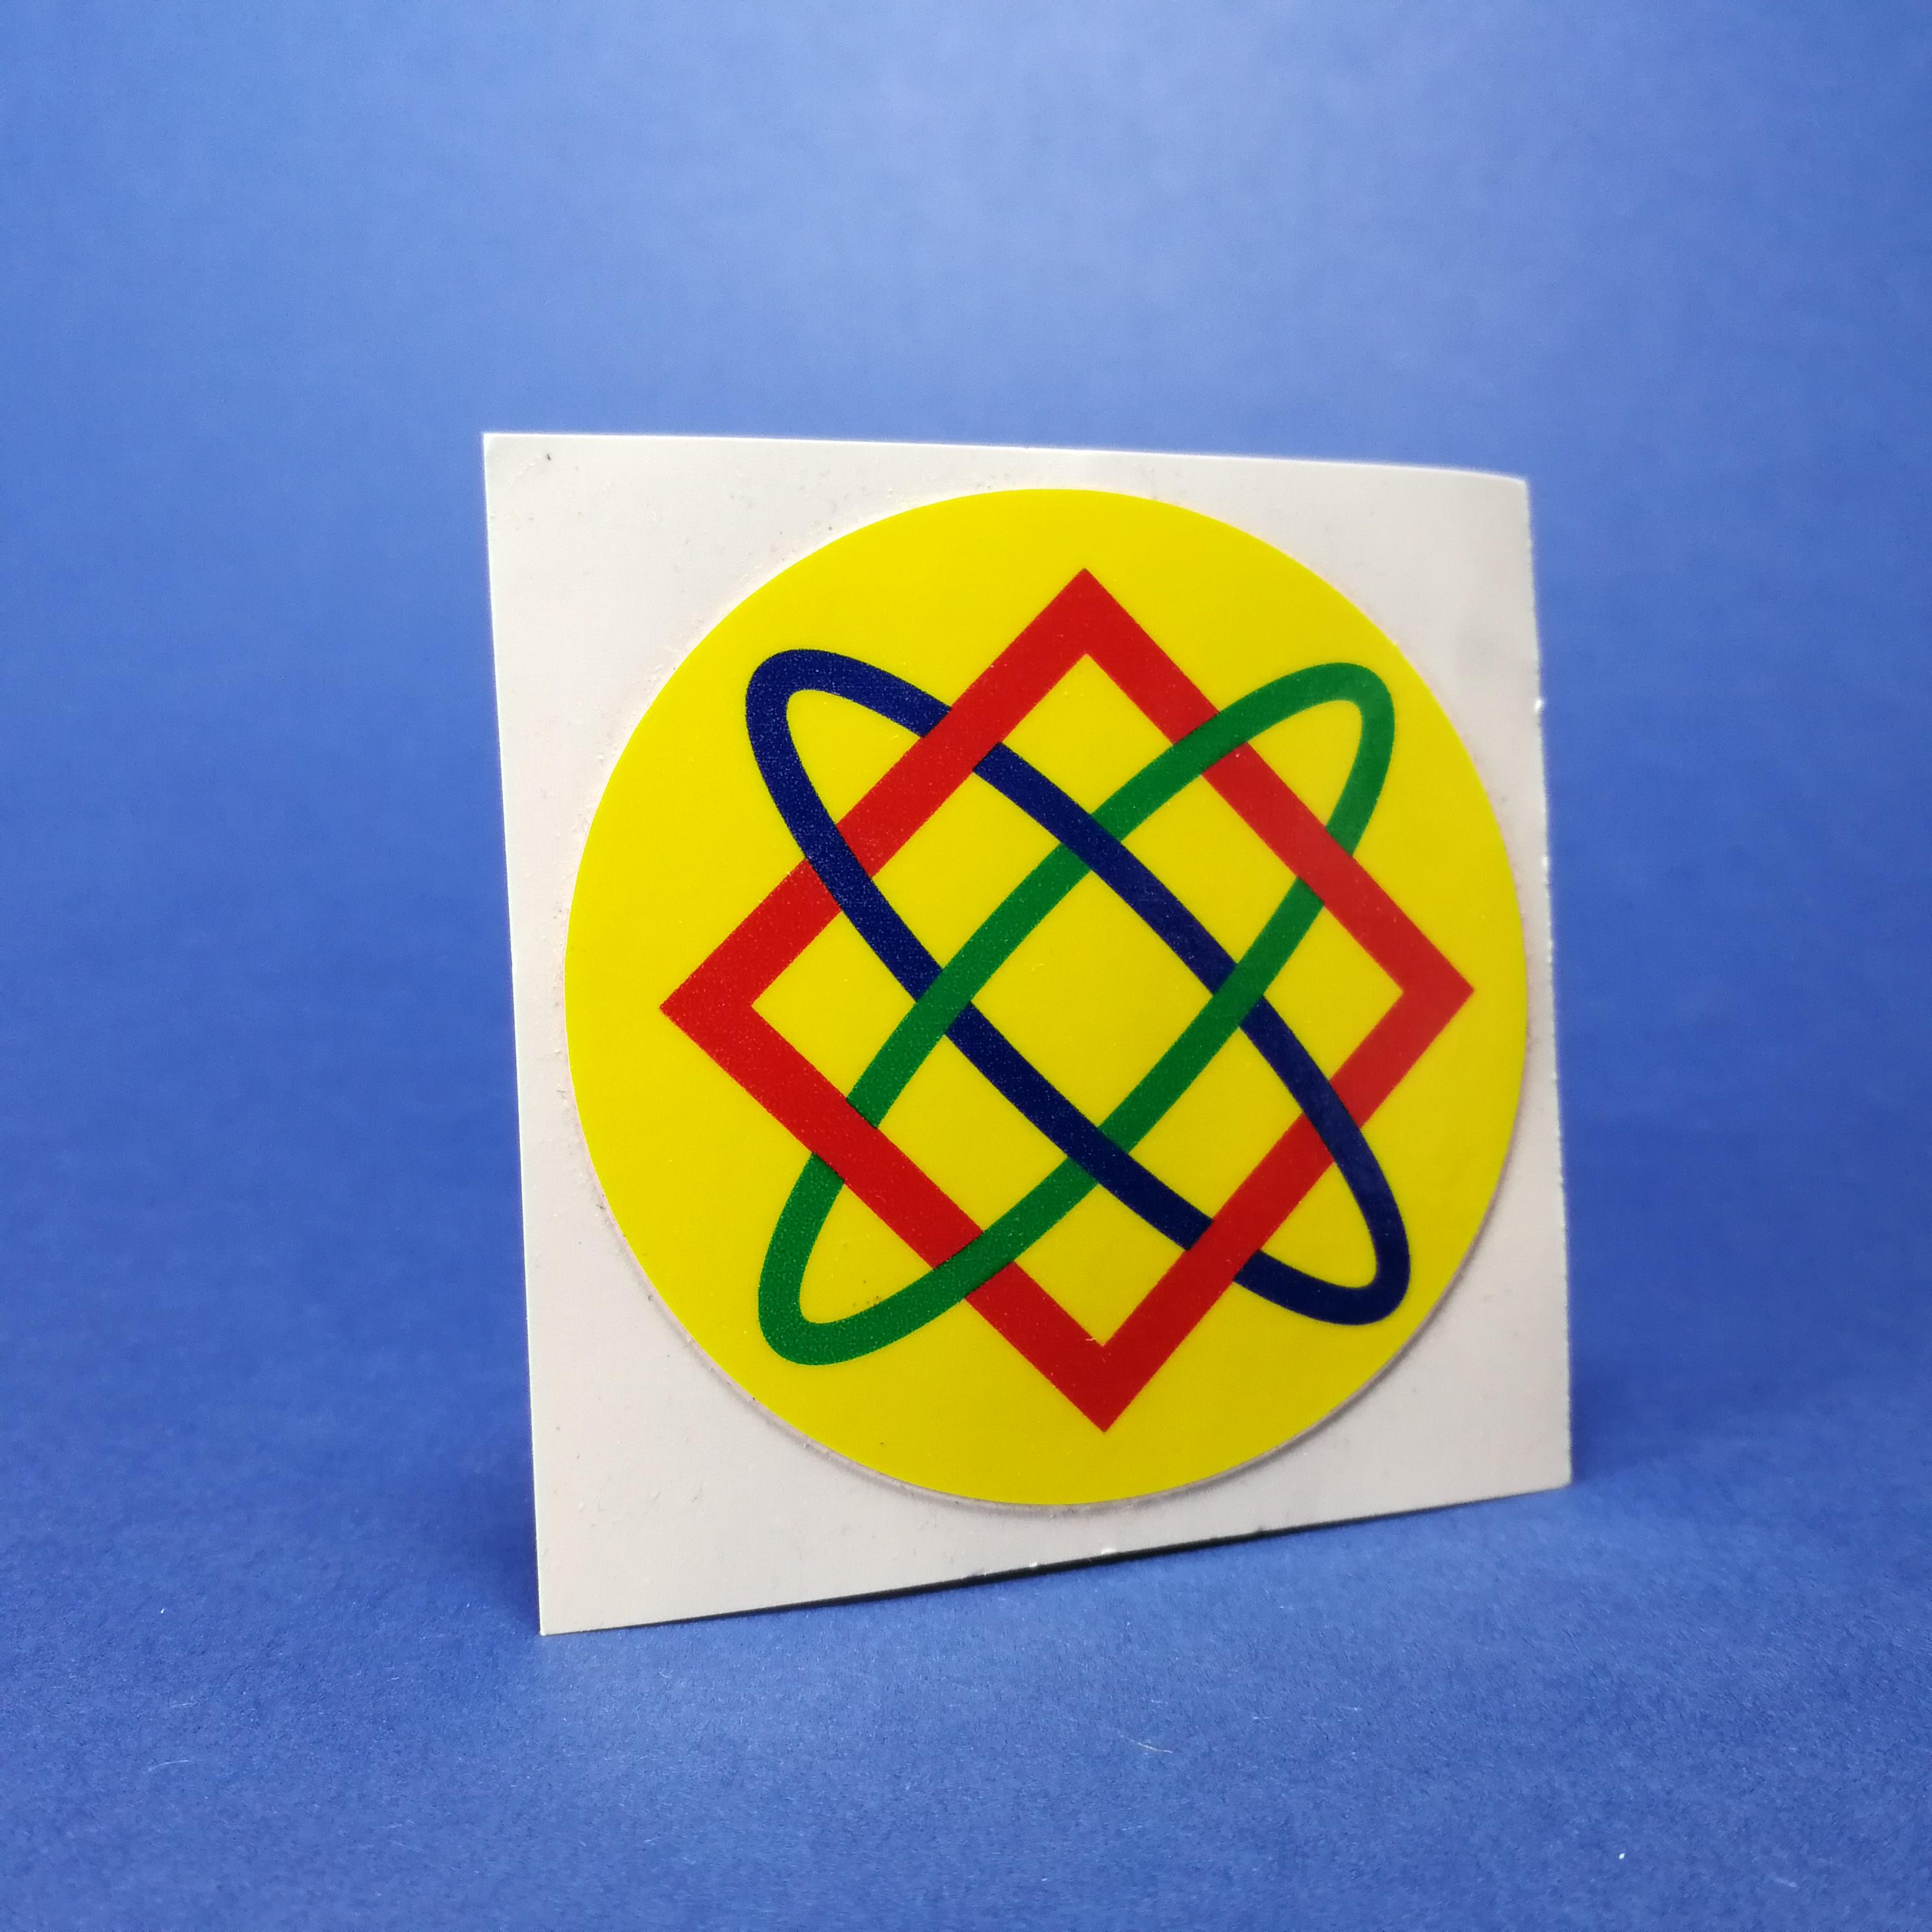 DiatomPlus Hvězda Lady, ochranný symbol, samolepka 60mm